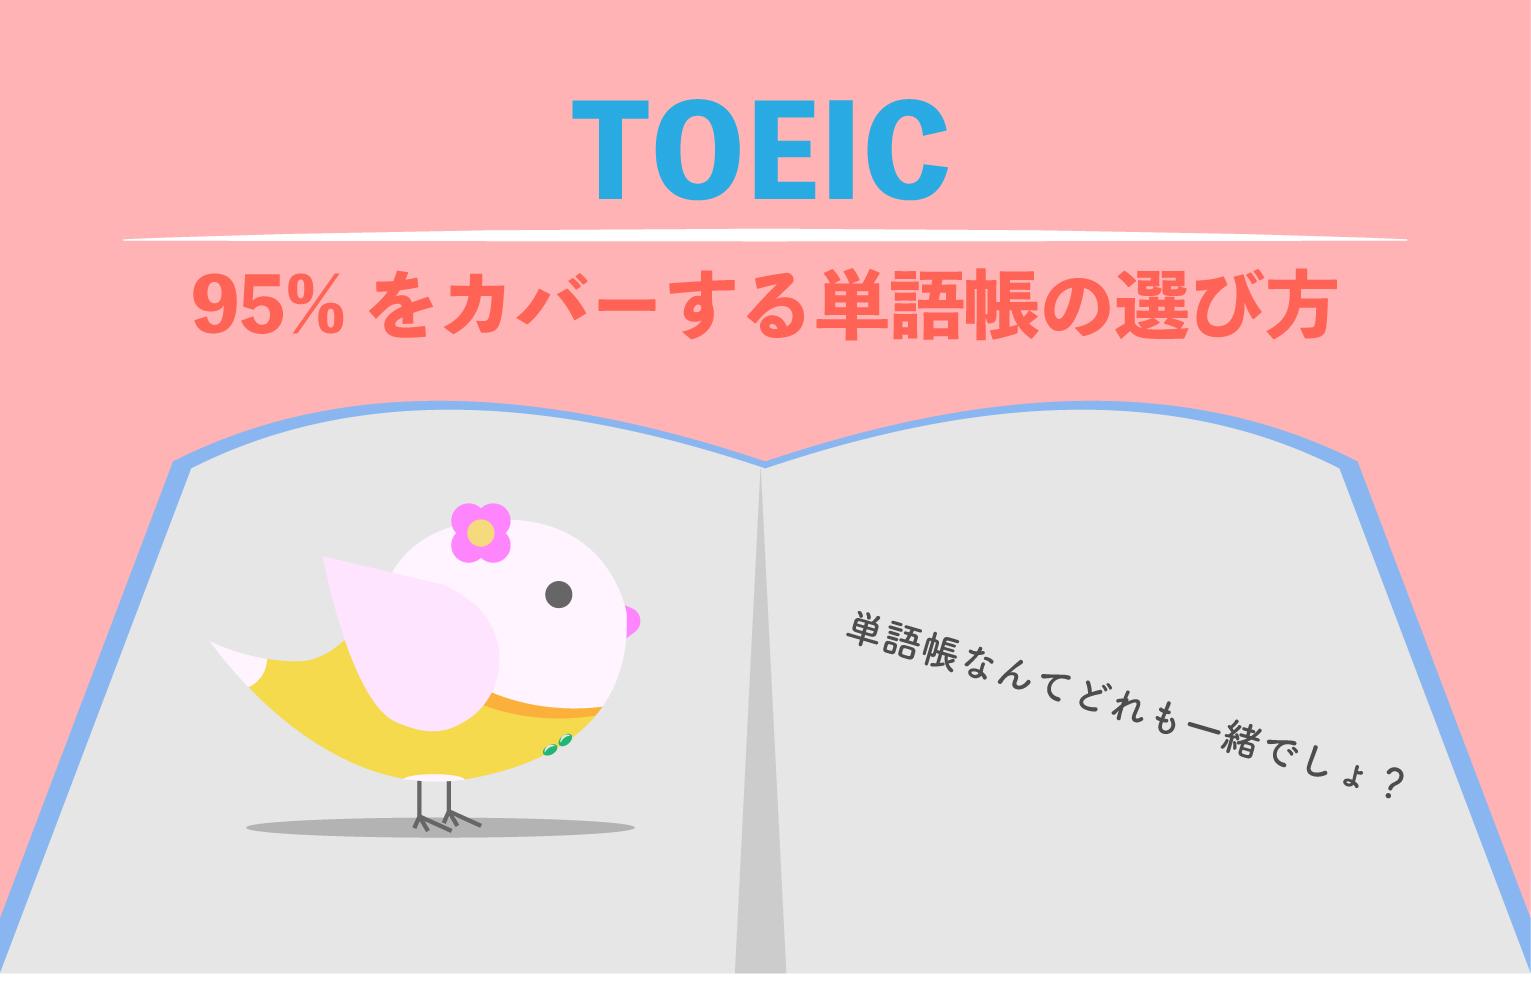 TOEICのおすすめの単語帳はどれ?【TOEICテストの95%をカバーする単語帳の選び方】